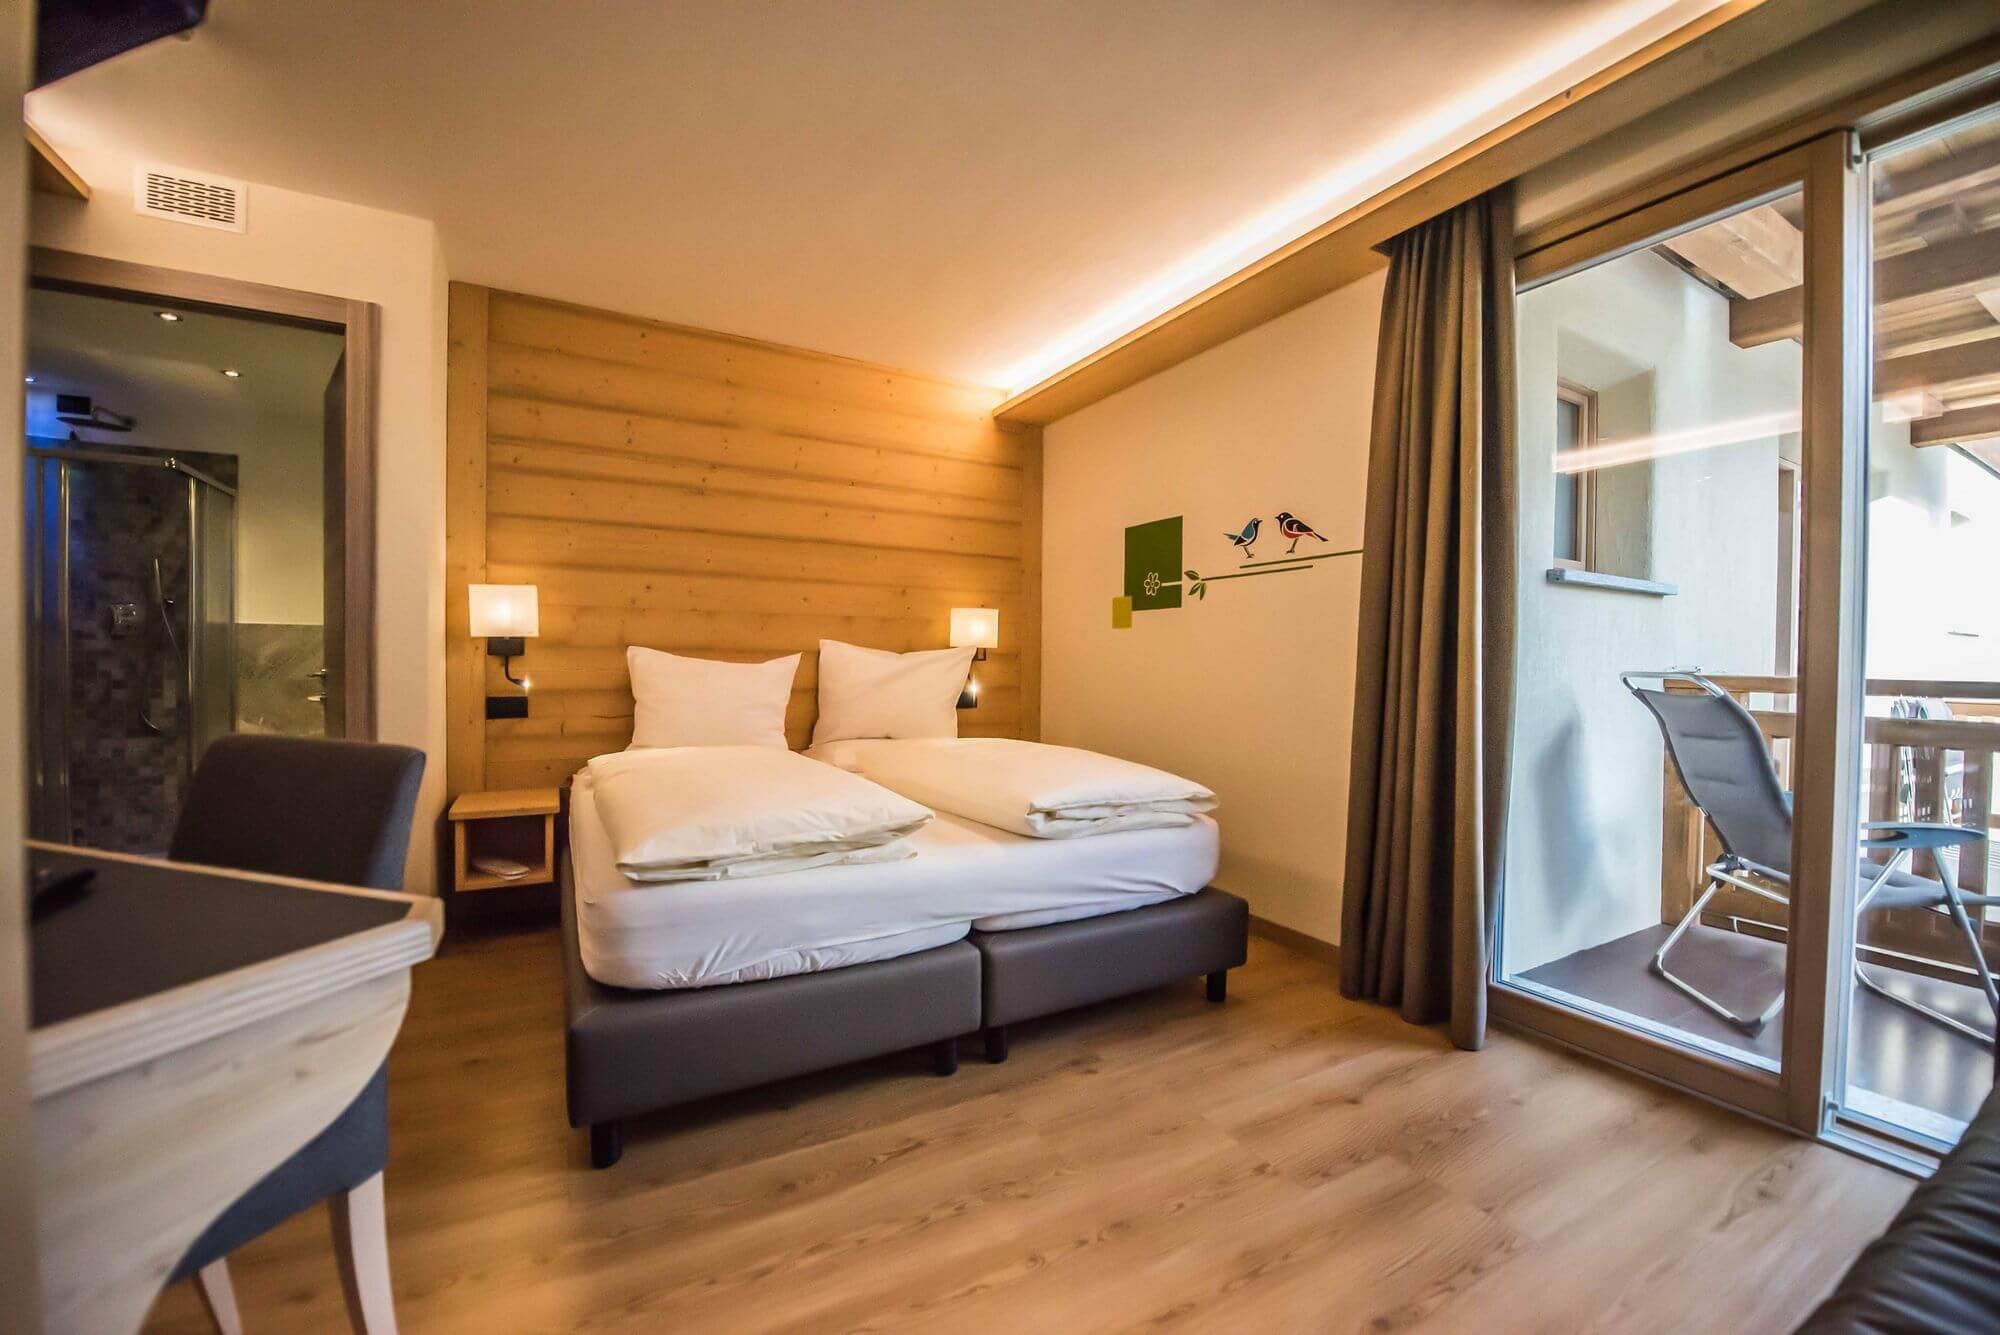 Camera Comfort per una vacanza rilassante a Livigno